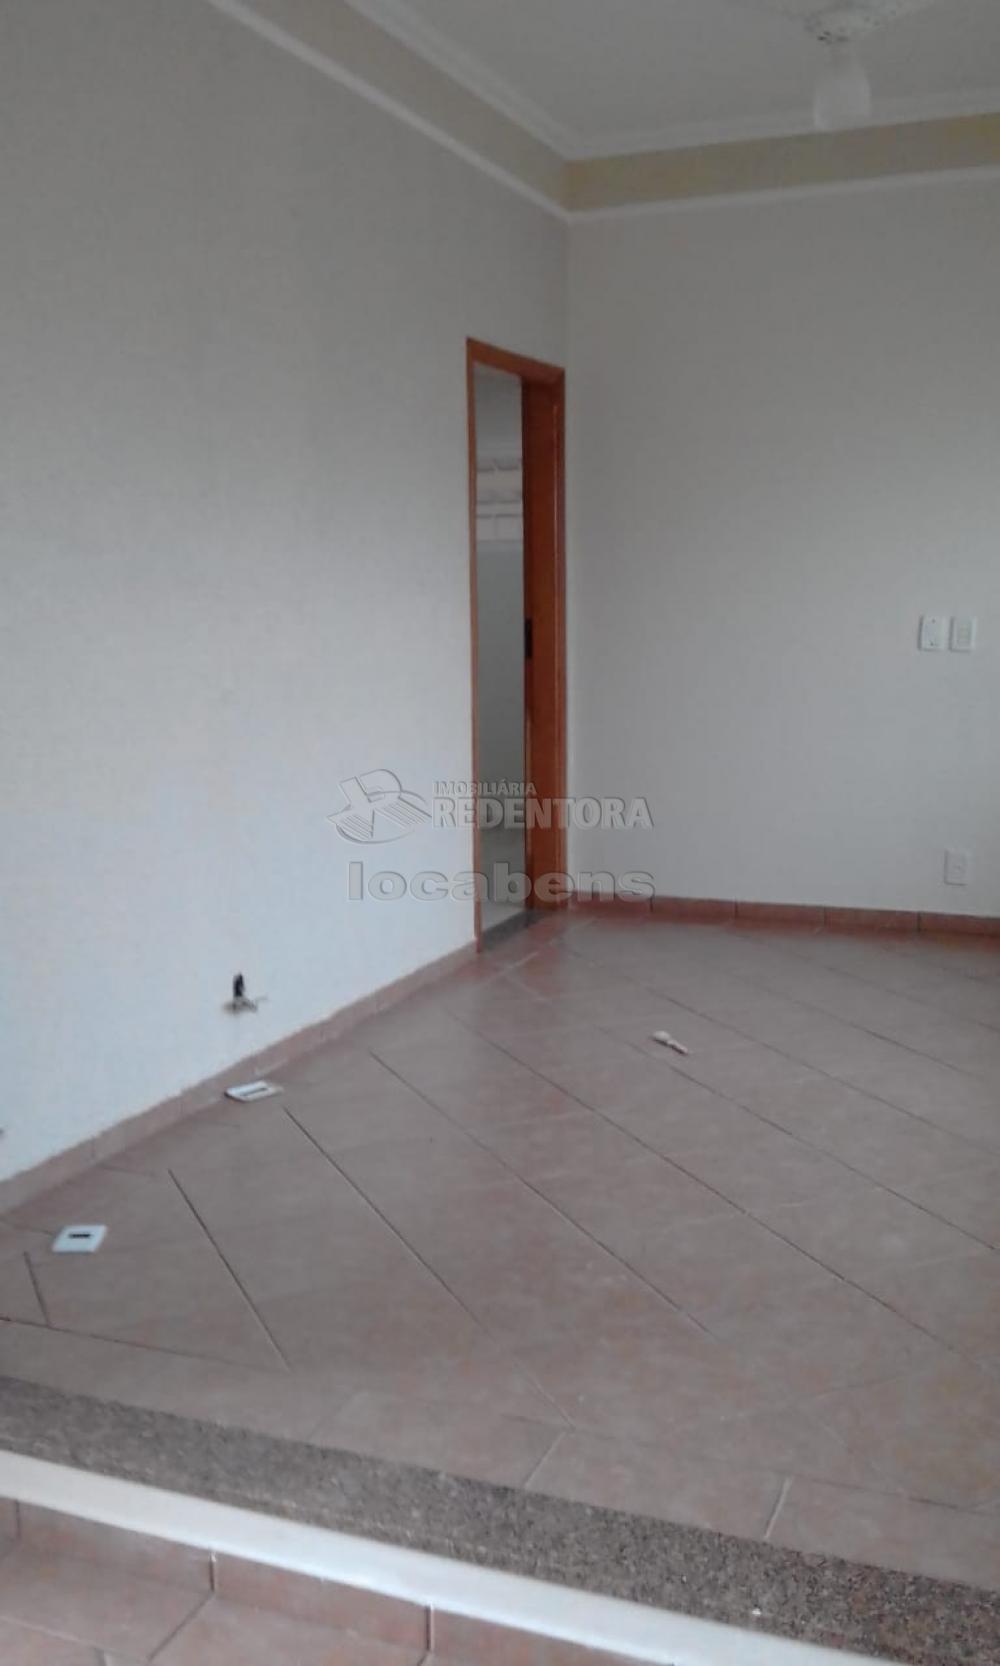 Comprar Casa / Padrão em São José do Rio Preto R$ 310.000,00 - Foto 19